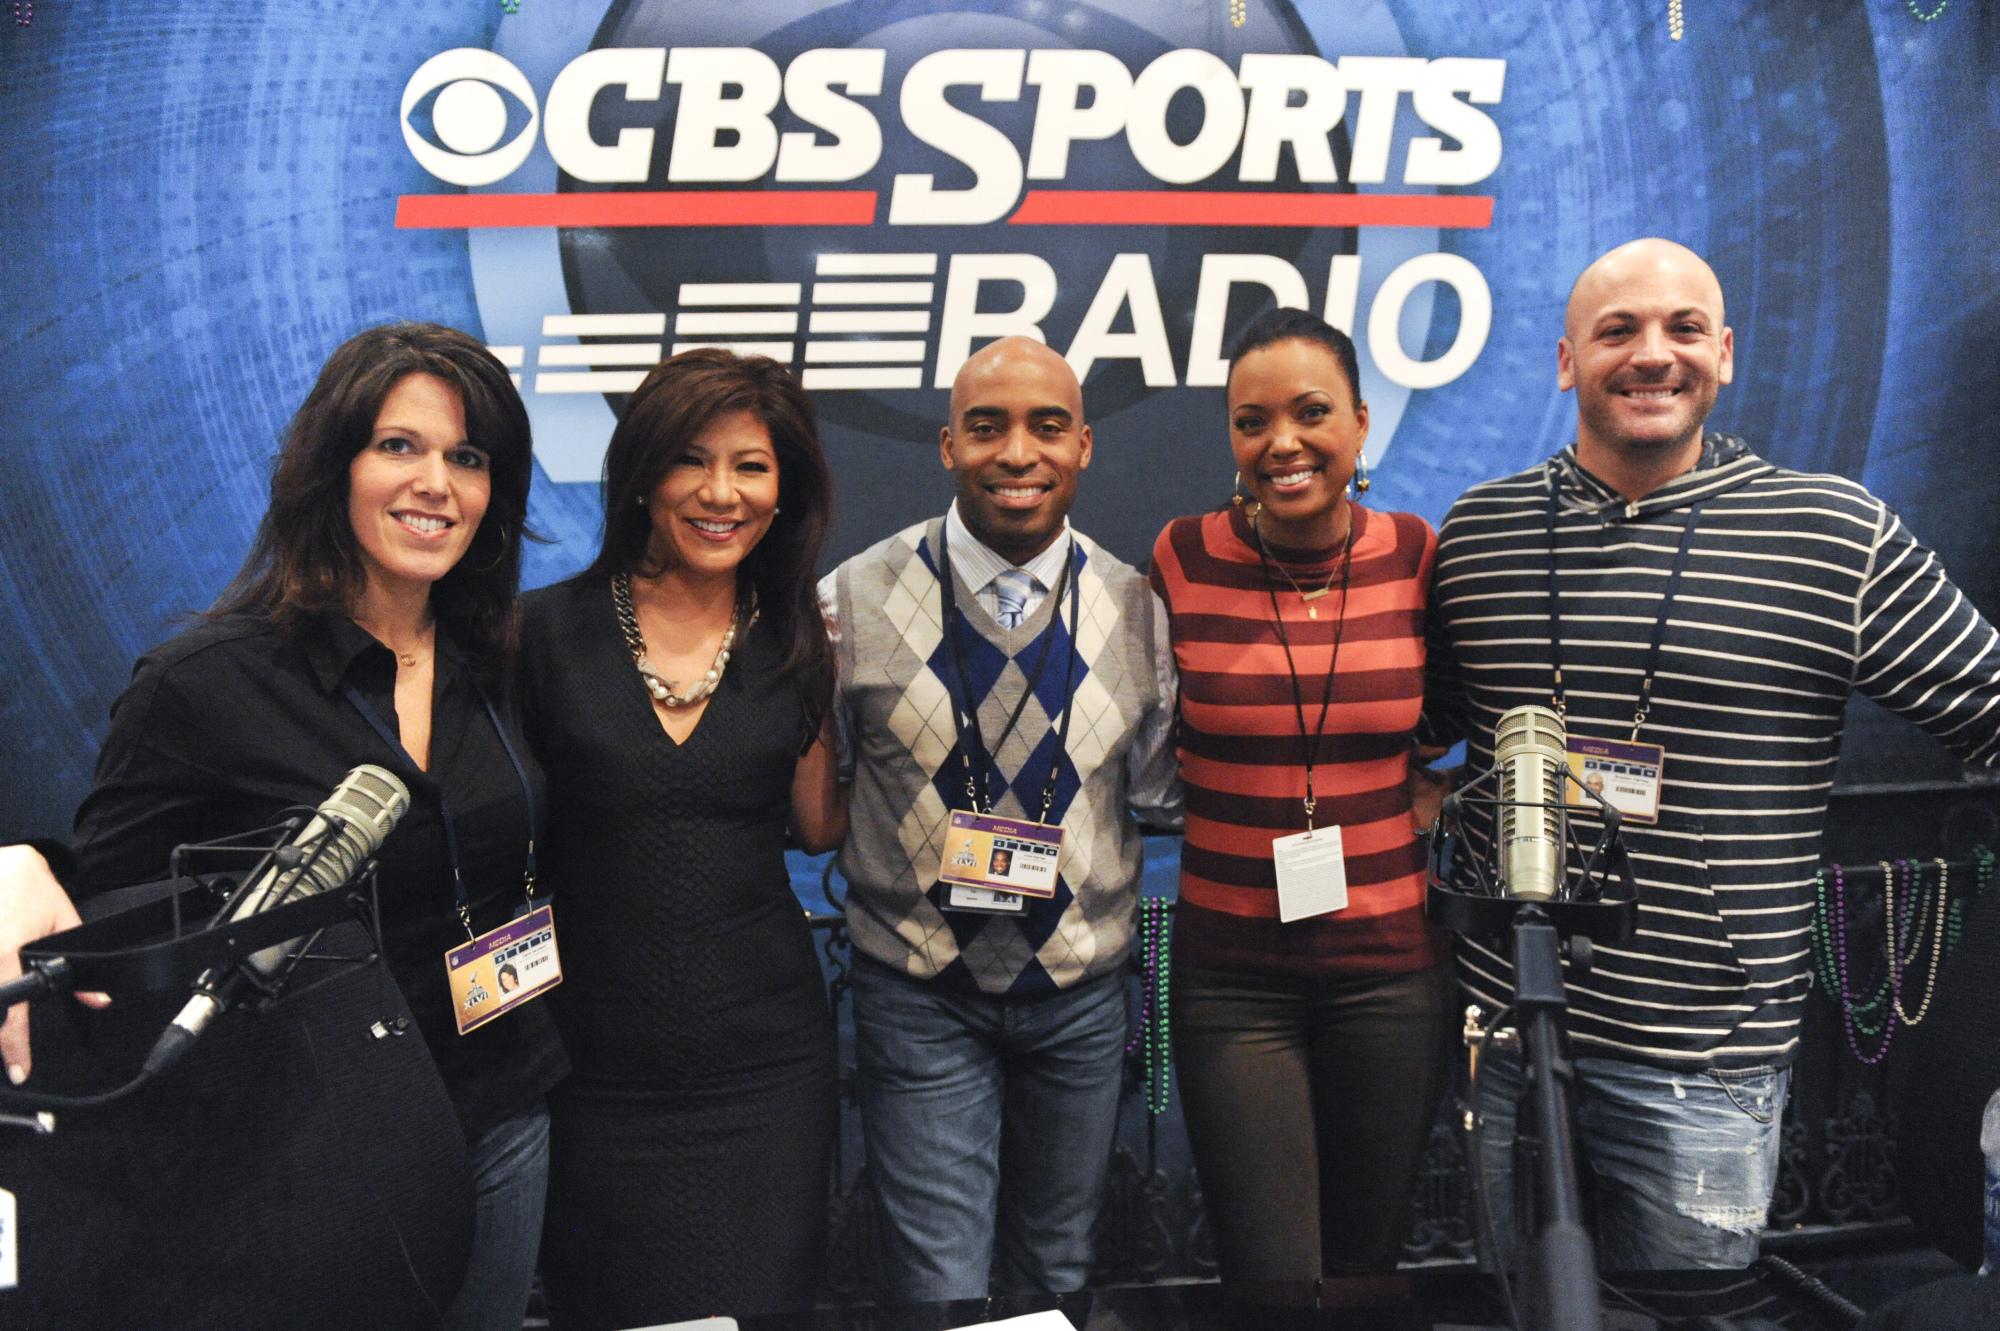 The Talk & CBS Radio